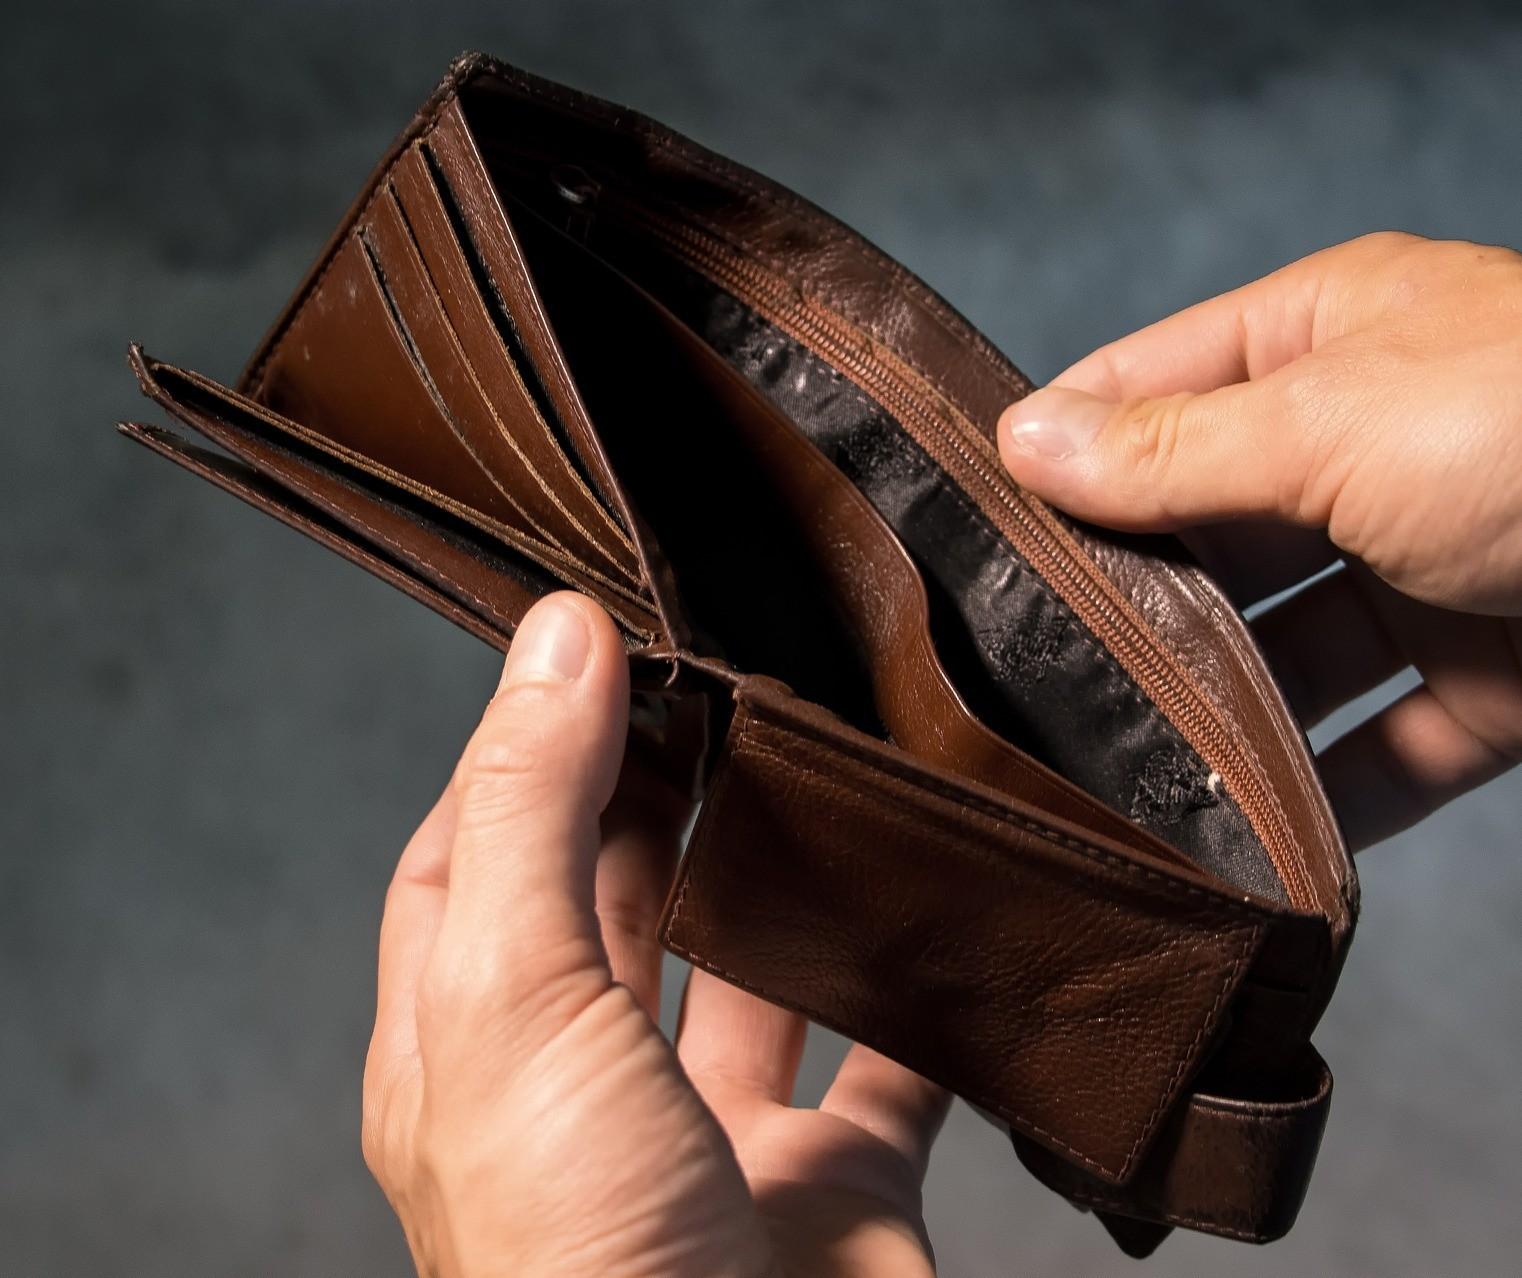 Endividamento de famílias bate recorde em junho, diz CNC